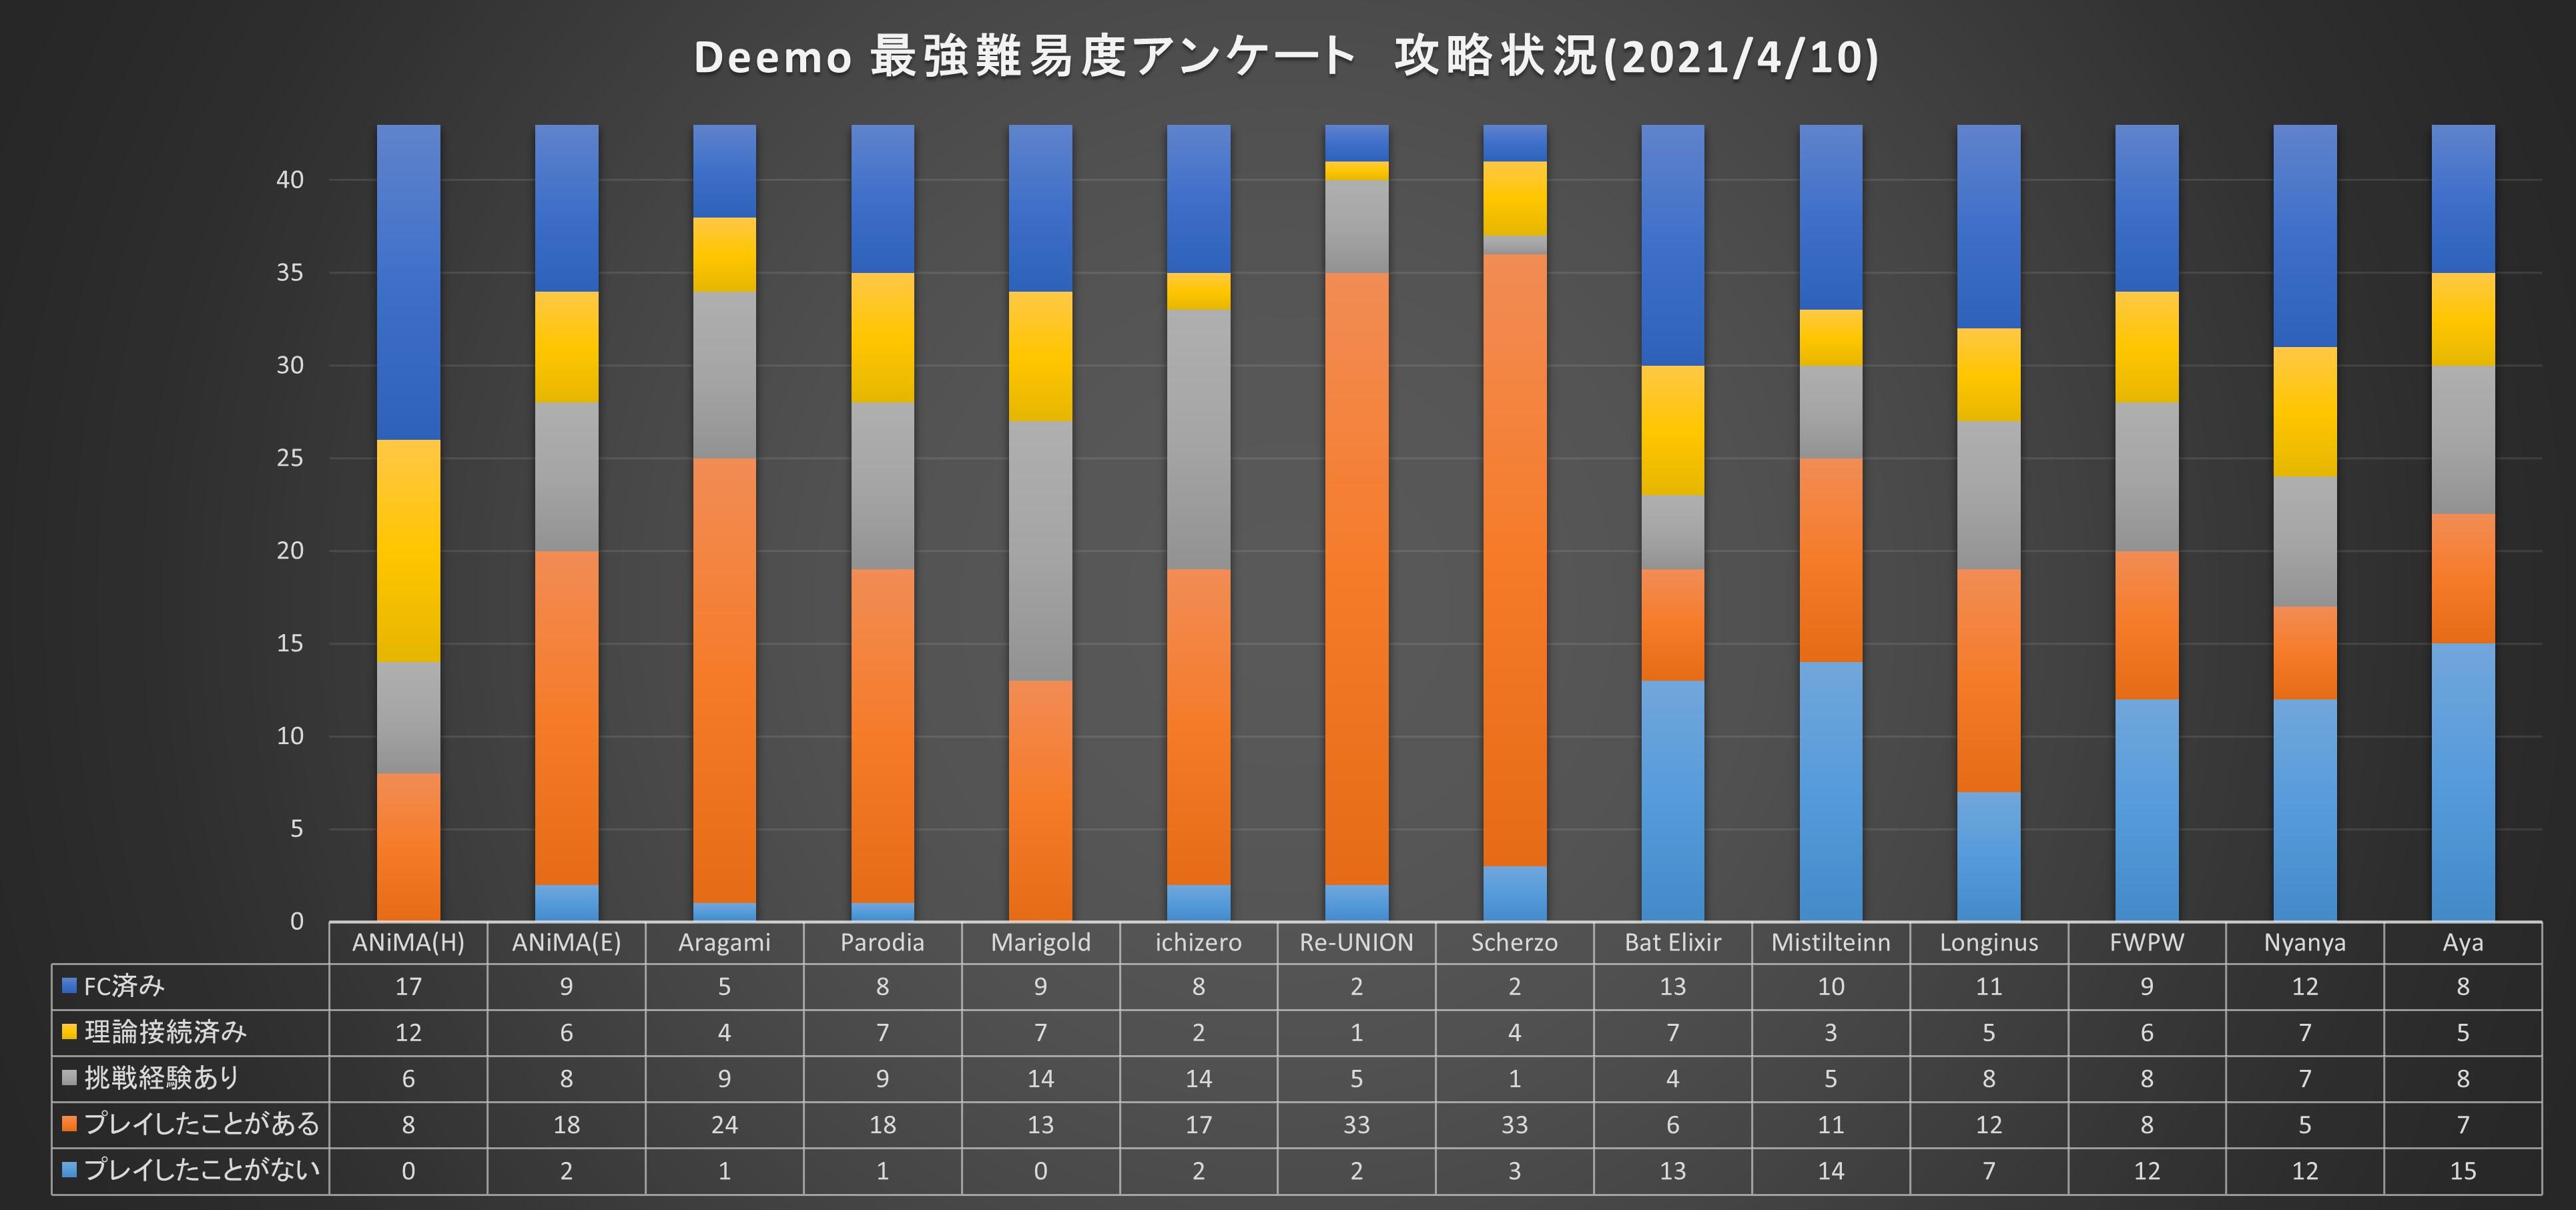 20210401-DeemoMax04-PlayEnv.jpg